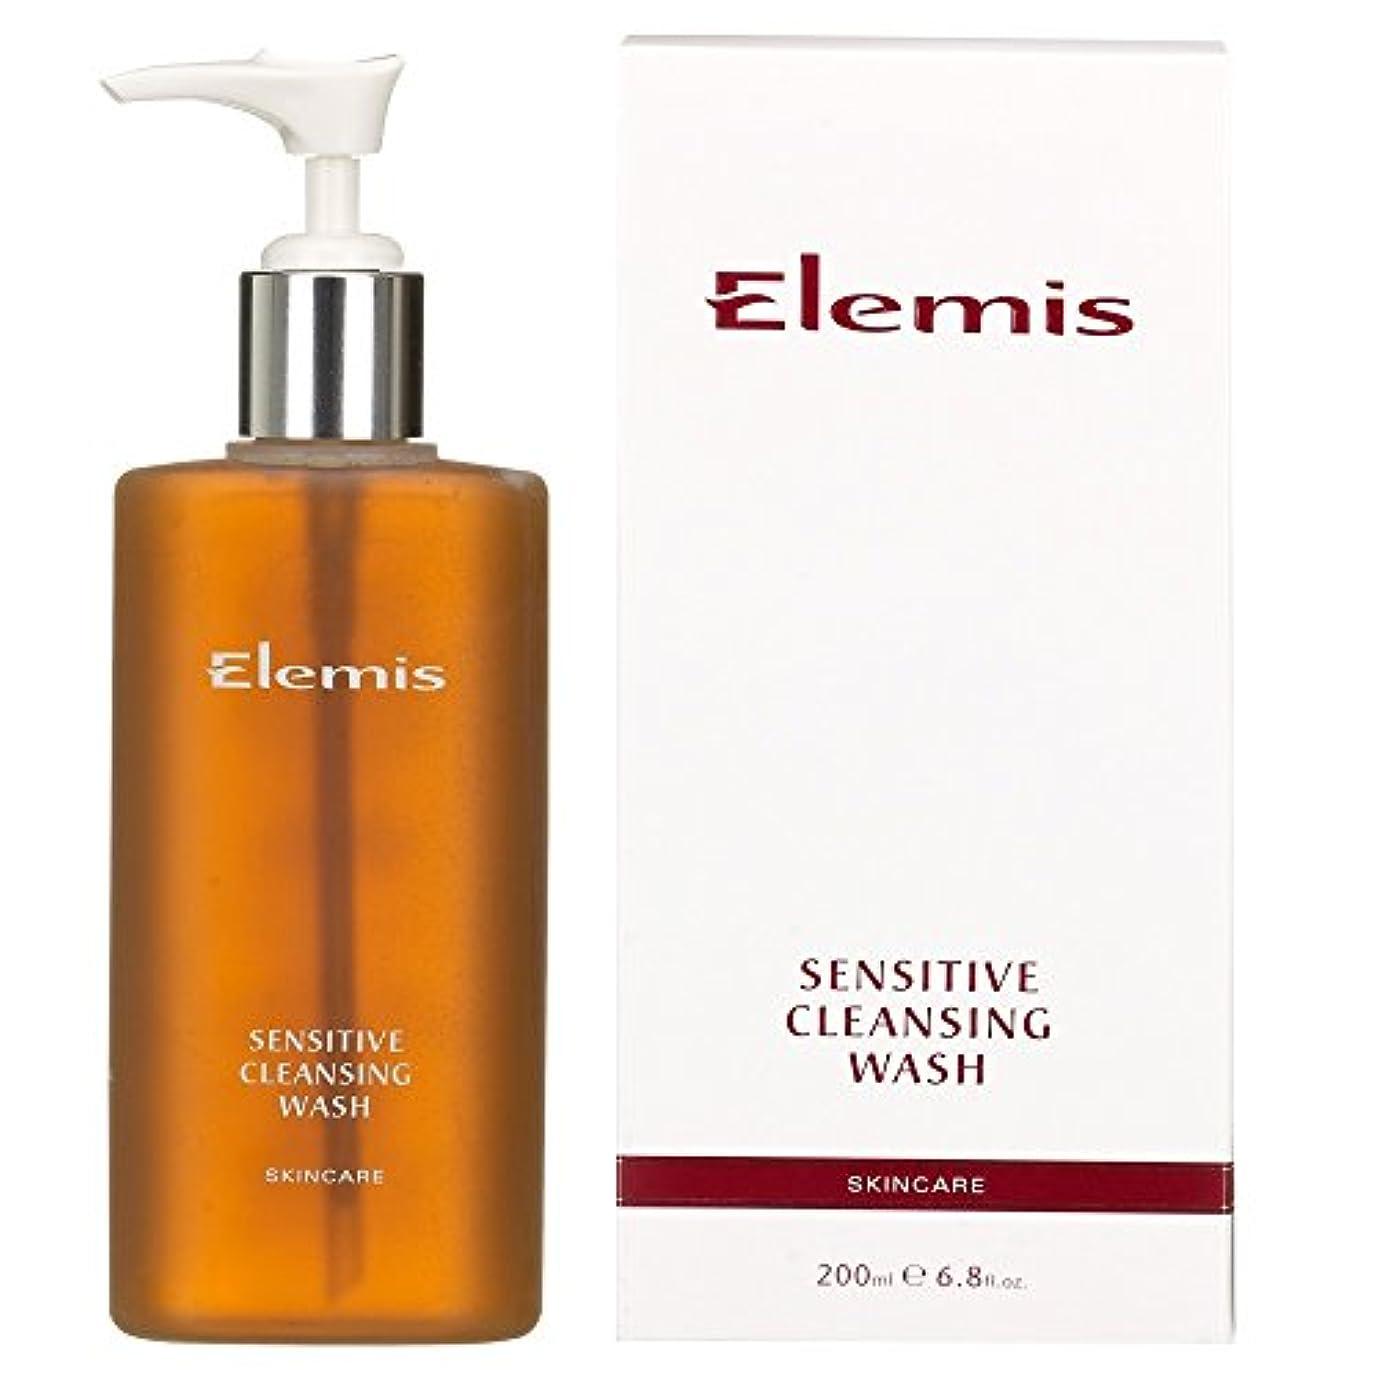 阻害する楽観大西洋エレミスは敏感クレンジングウォッシュをスキンケア (Elemis) (x6) - Elemis Skincare Sensitive Cleansing Wash (Pack of 6) [並行輸入品]